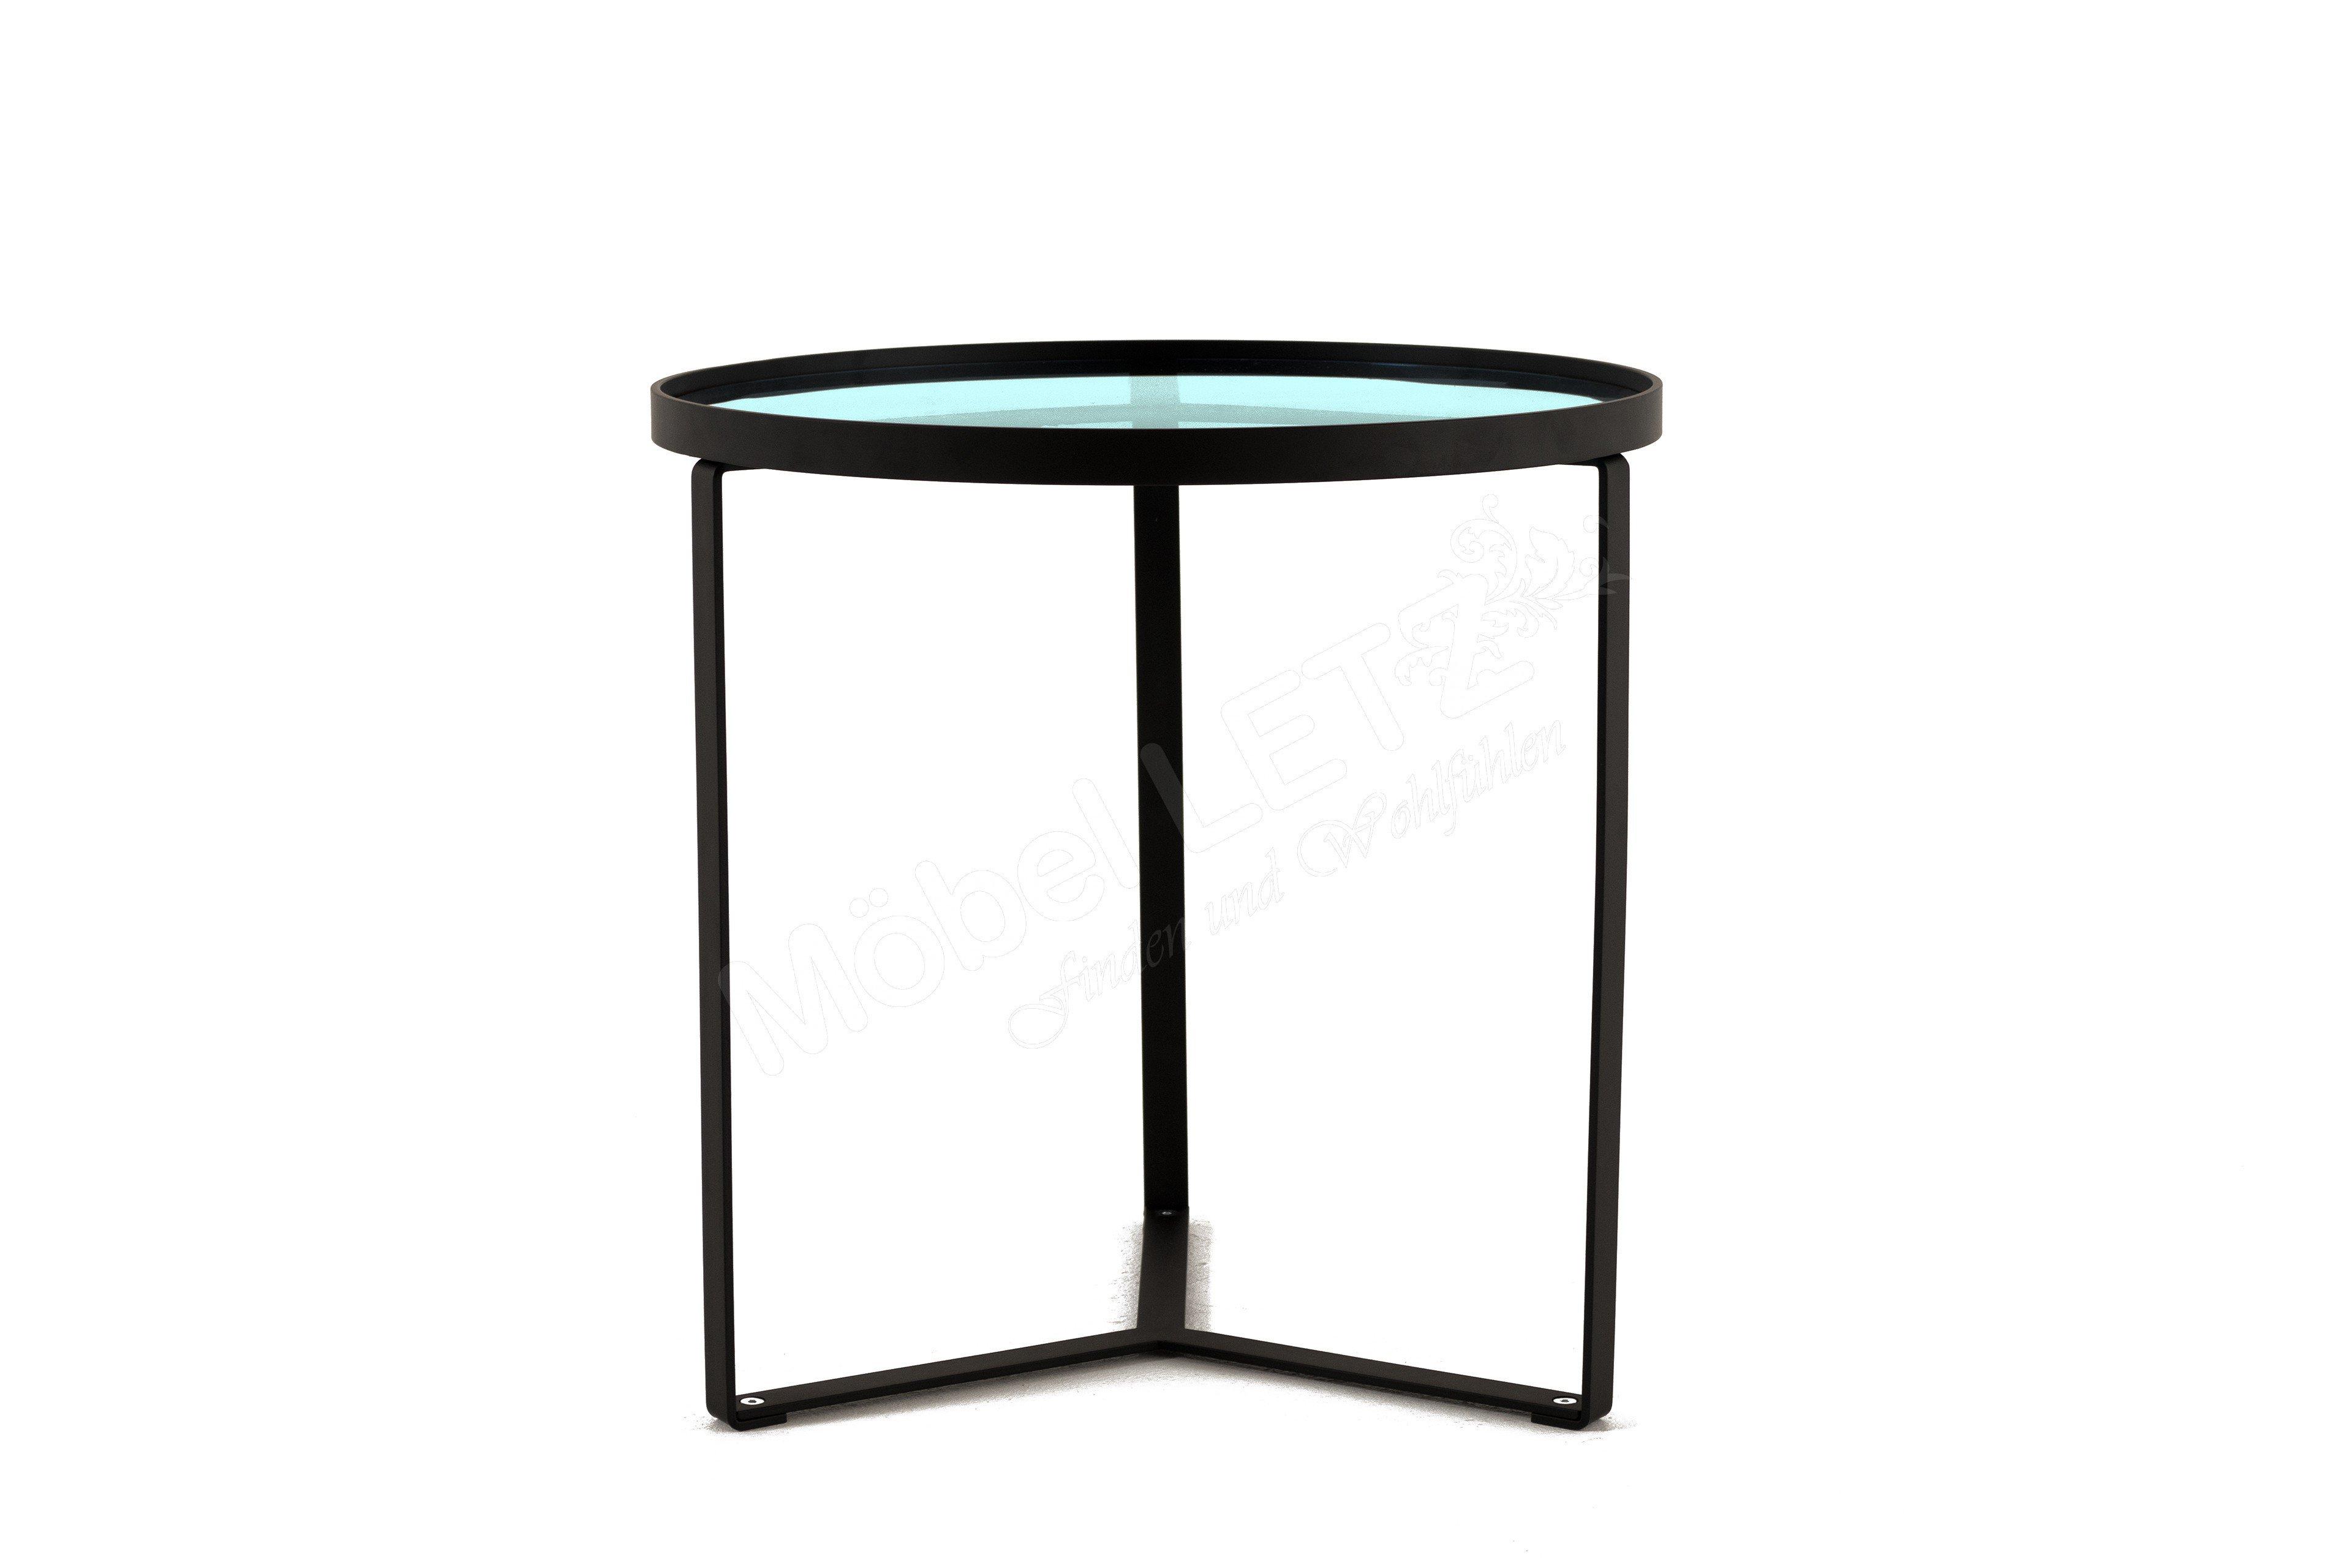 beistelltisch kara von hl design aus metall m bel letz ihr online shop. Black Bedroom Furniture Sets. Home Design Ideas